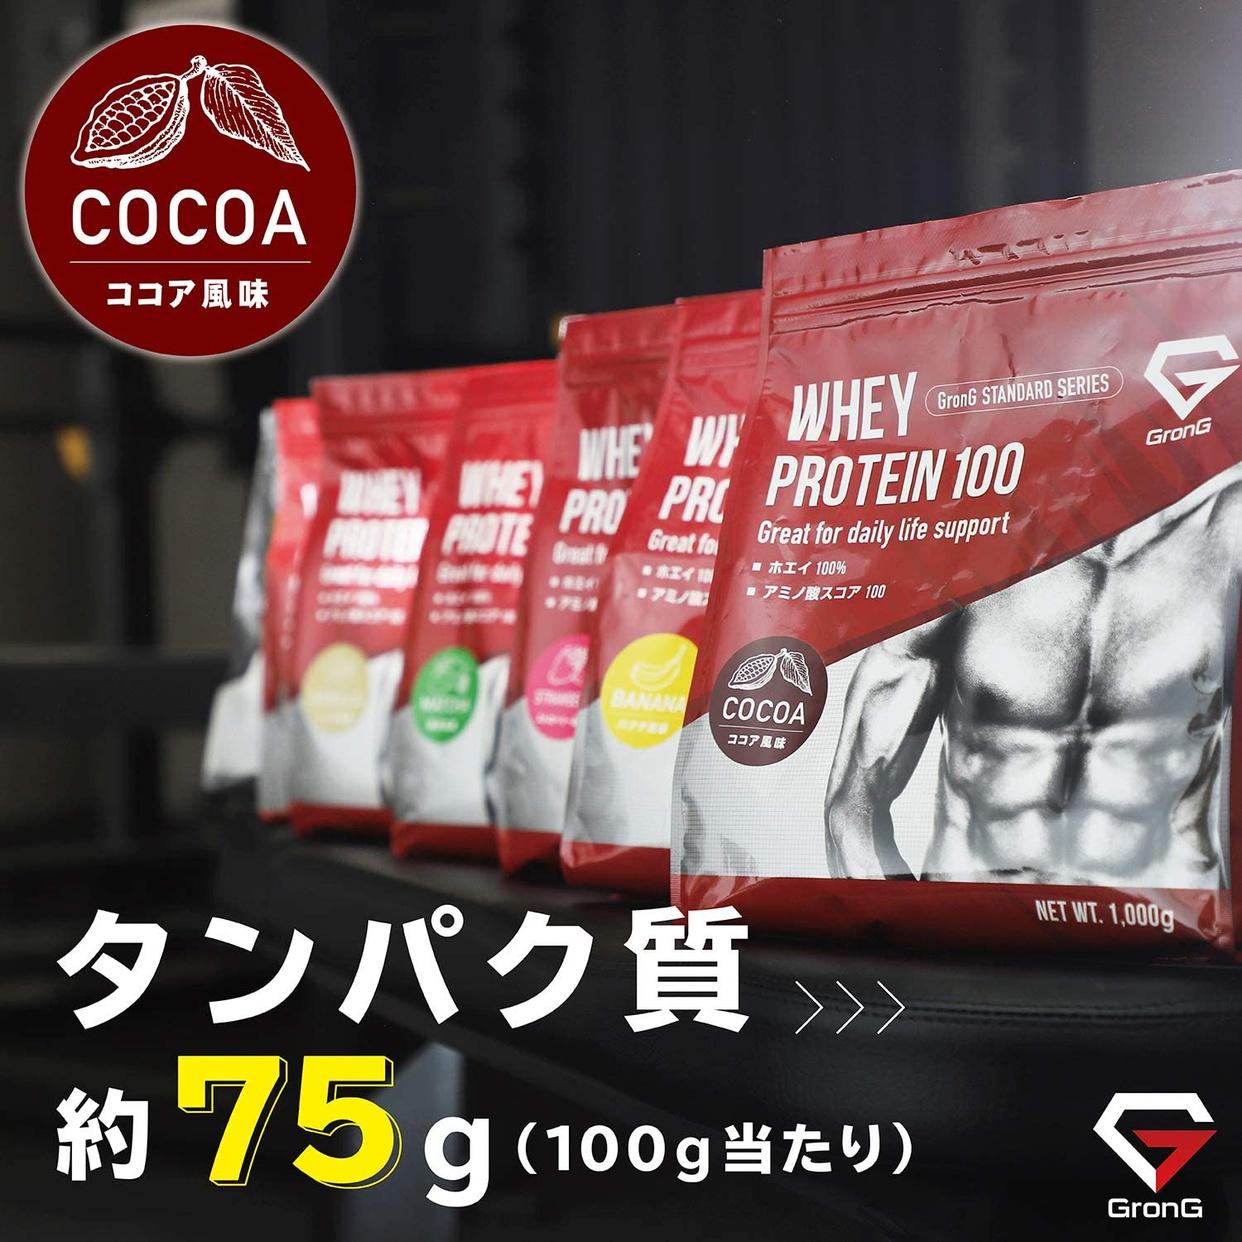 GronG(グロング) ホエイプロテイン 100 スタンダードの商品画像3